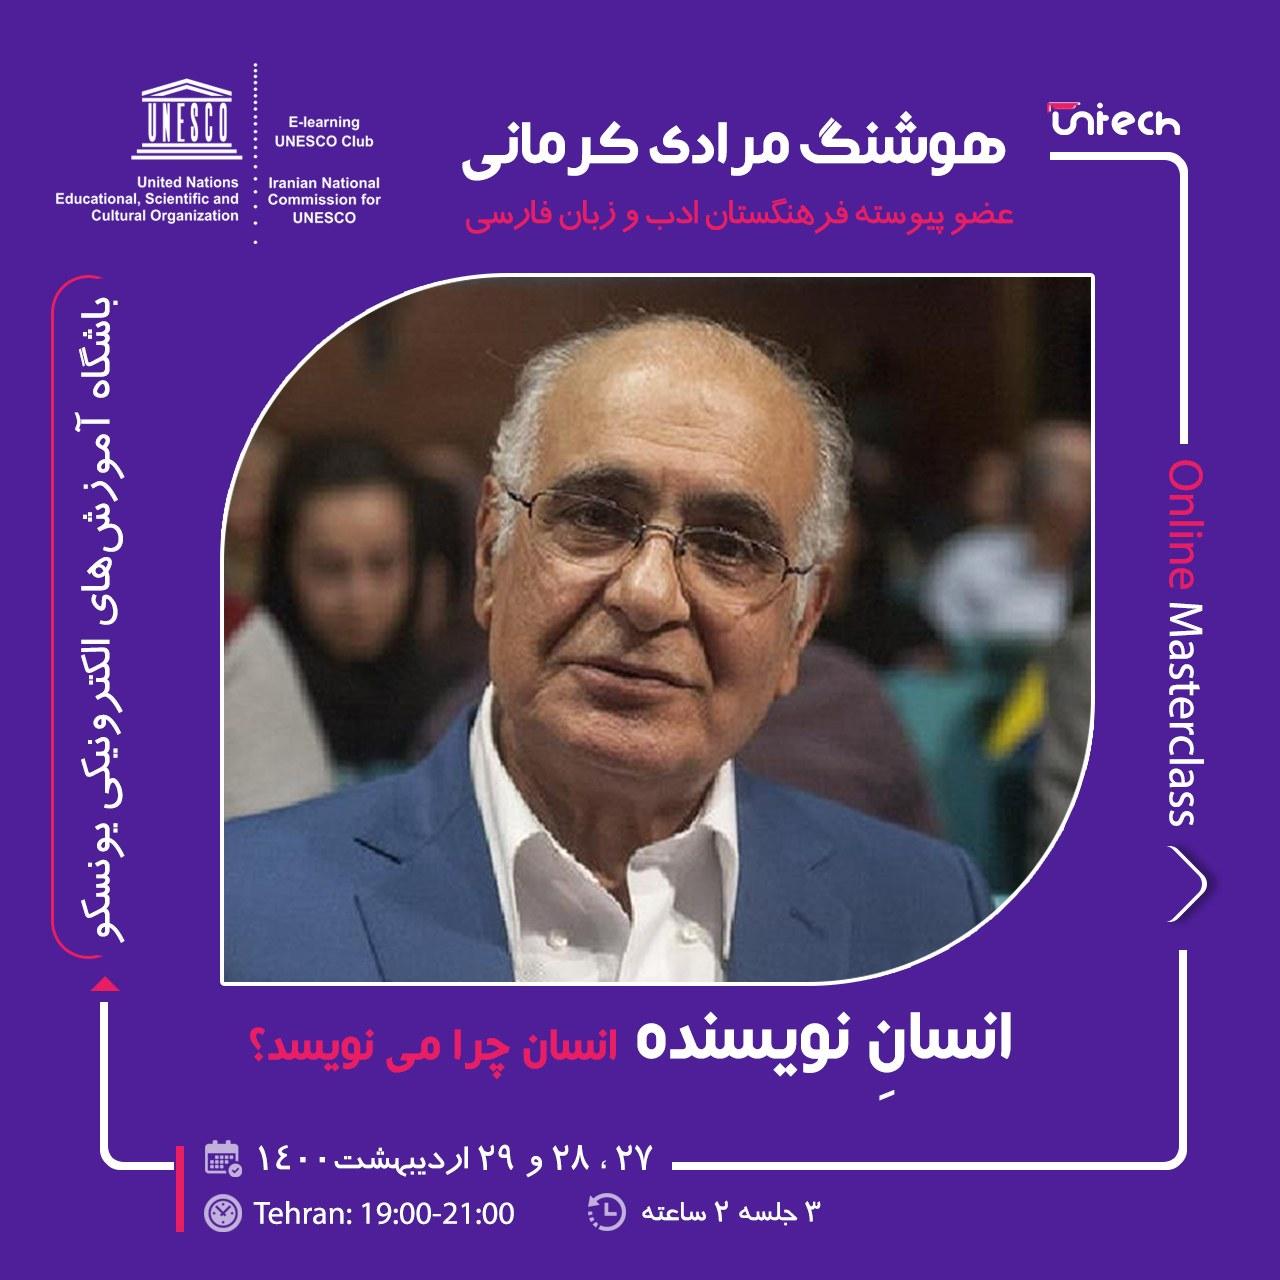 وبینار هوشنگ مرادی کرمانی